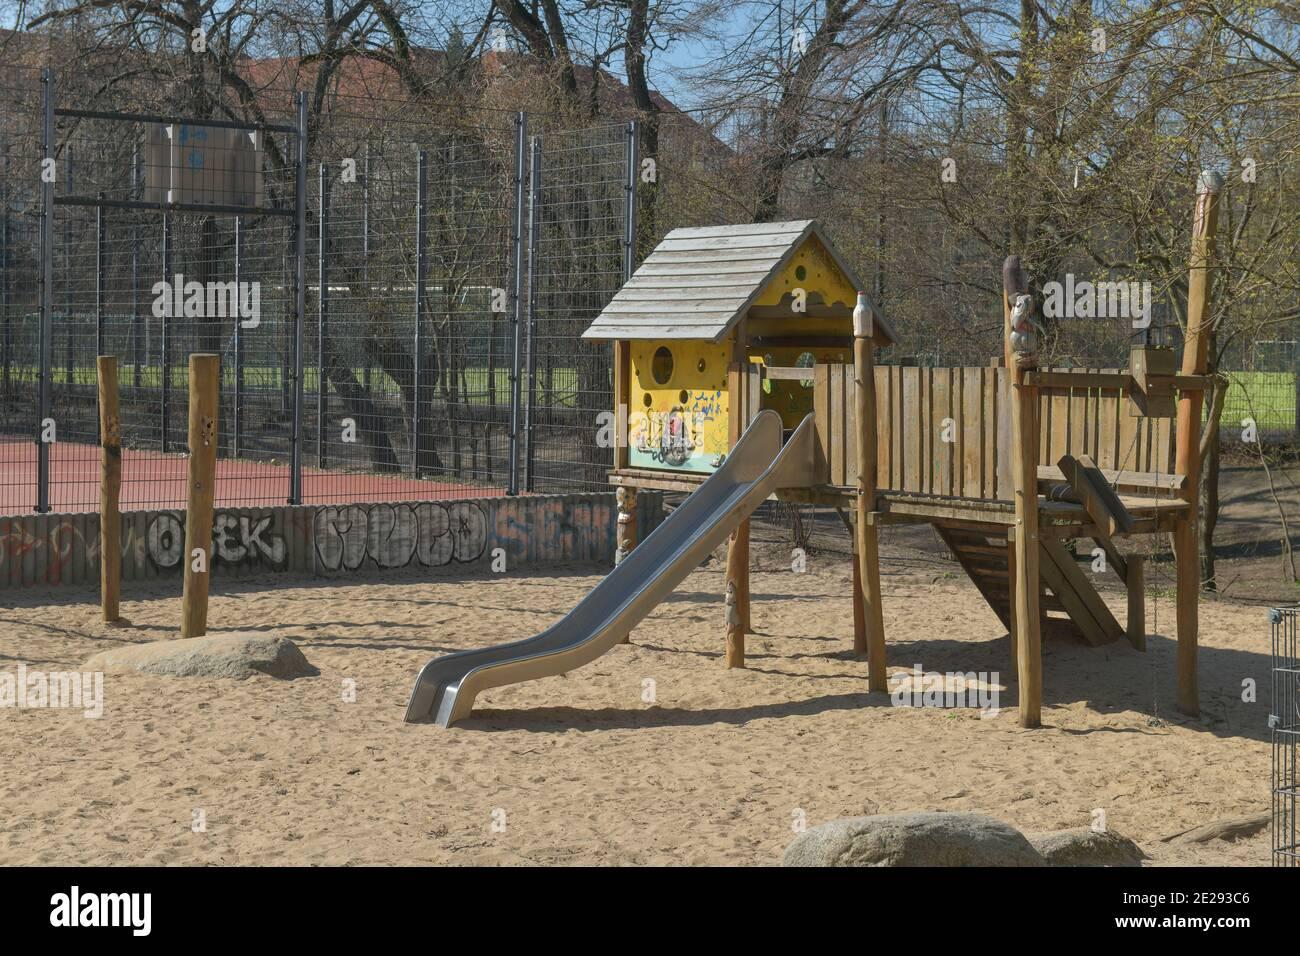 Berlin in Zeiten der Corona-Krise, 25.03.2020. Hier: Leerer Kinderspielplatz im Volkspark Wilmersdorf, Berlin, Deutschland Stock Photo